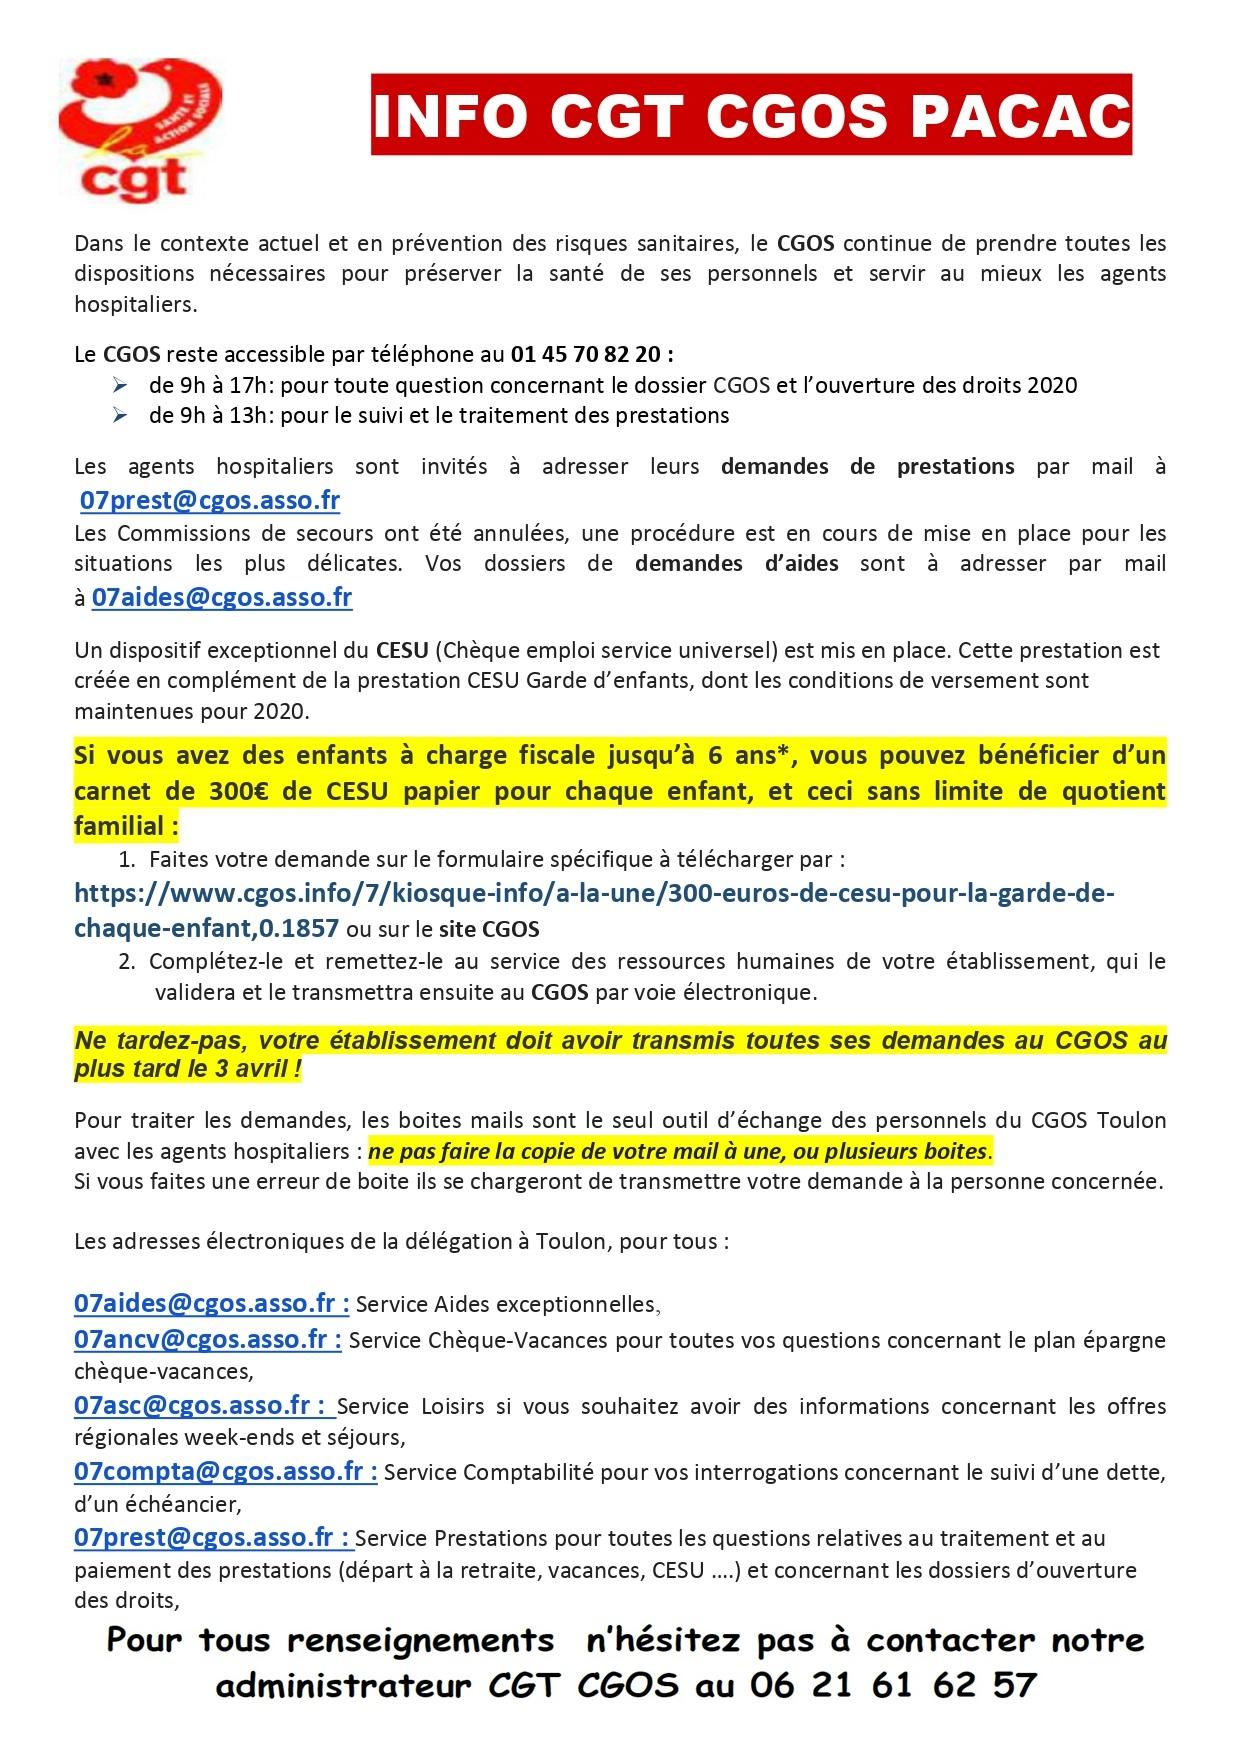 Tract CGT CGOS CESU COVID-19, mars 2020